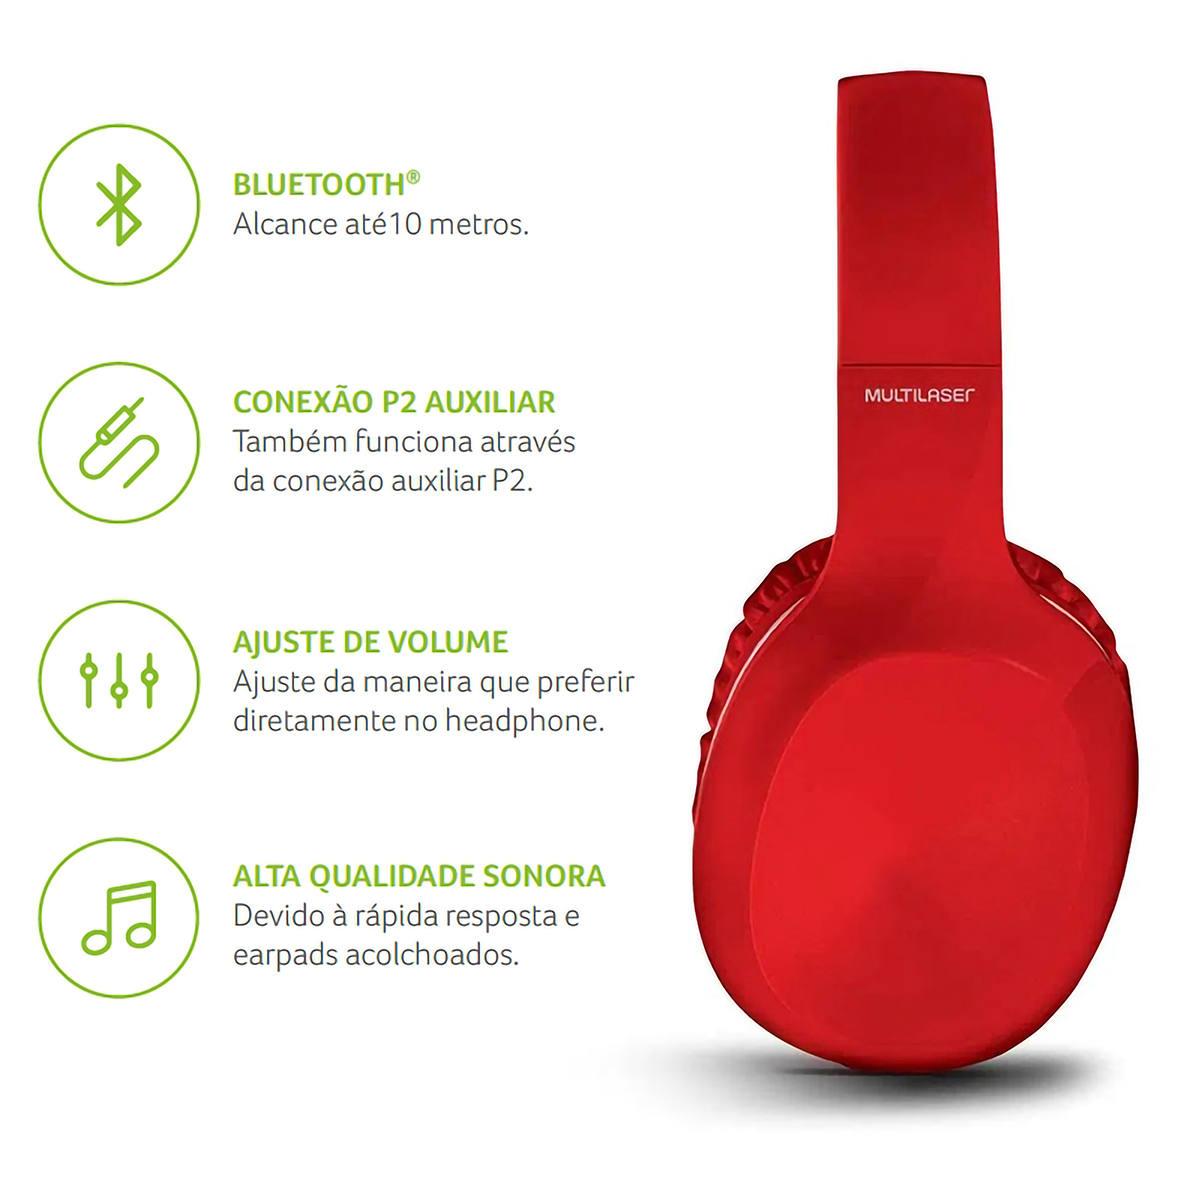 Fone de Ouvido Pop Bluetooth com Microfone Hands Free Earpads Extra Macios Acolchoados Multilaser PH248 Vermelho